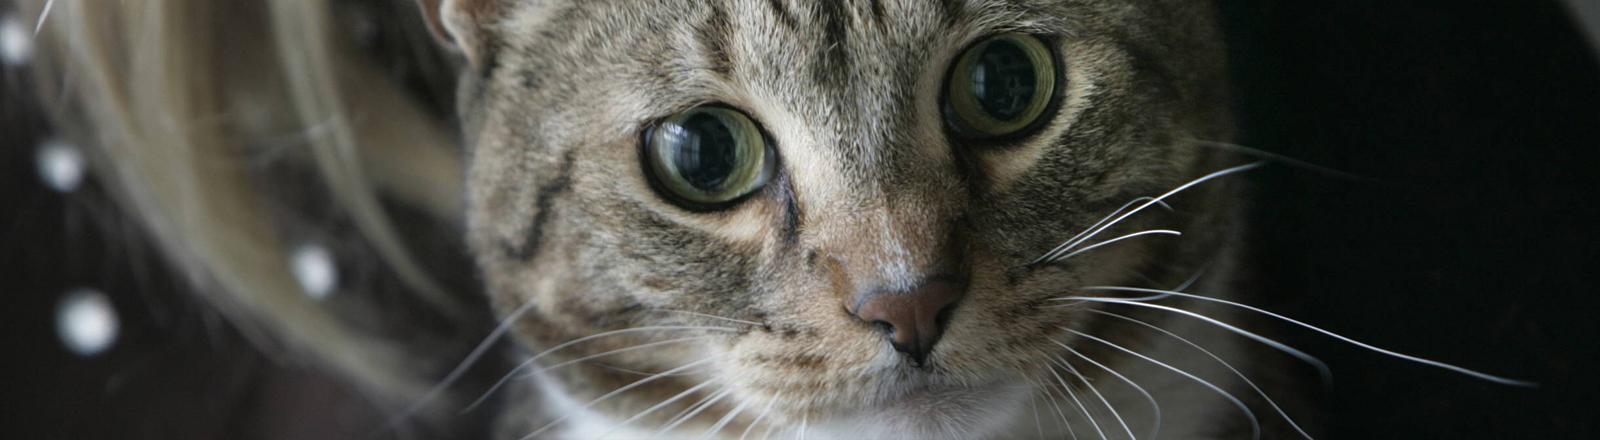 Diese Katze hört auf den Namen Tiger. Das Foto entstand im  November 2007.